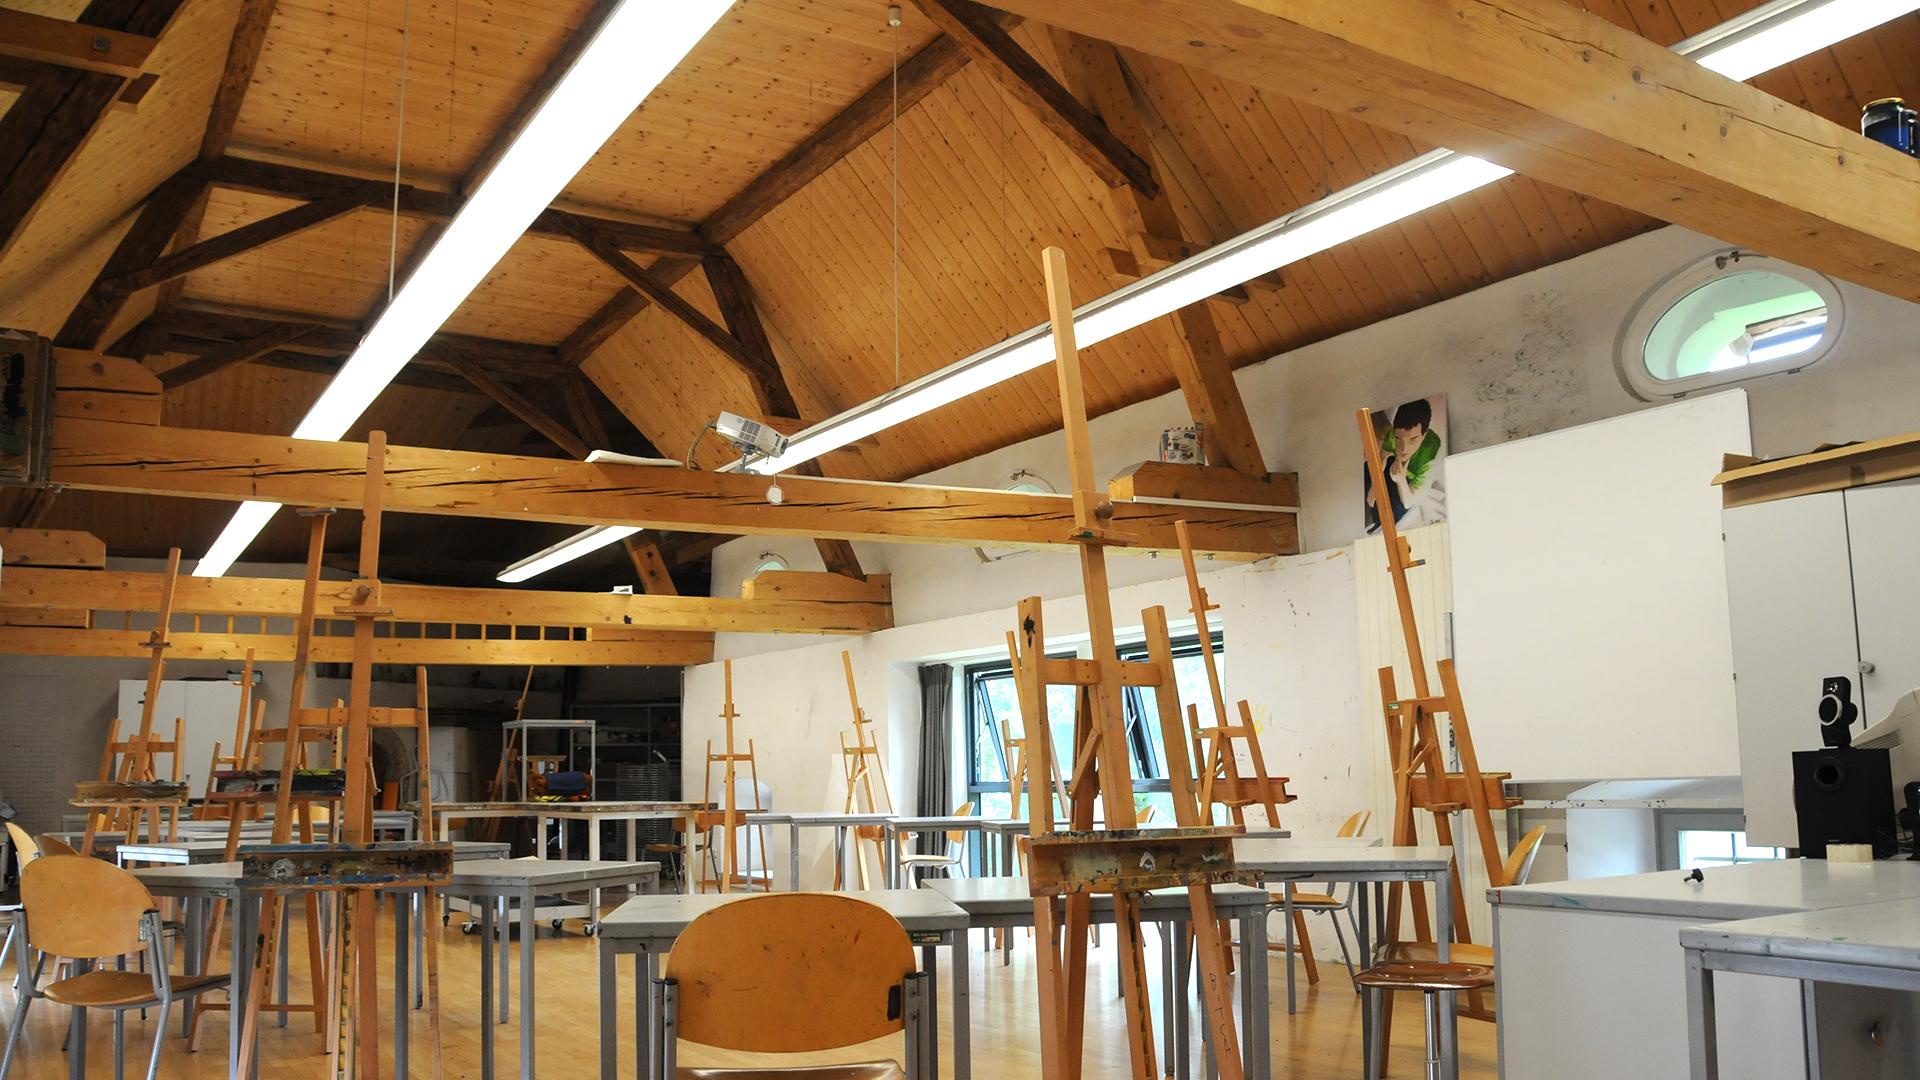 Blick in den Zeichensaal drei mit offenem Dachstuhl